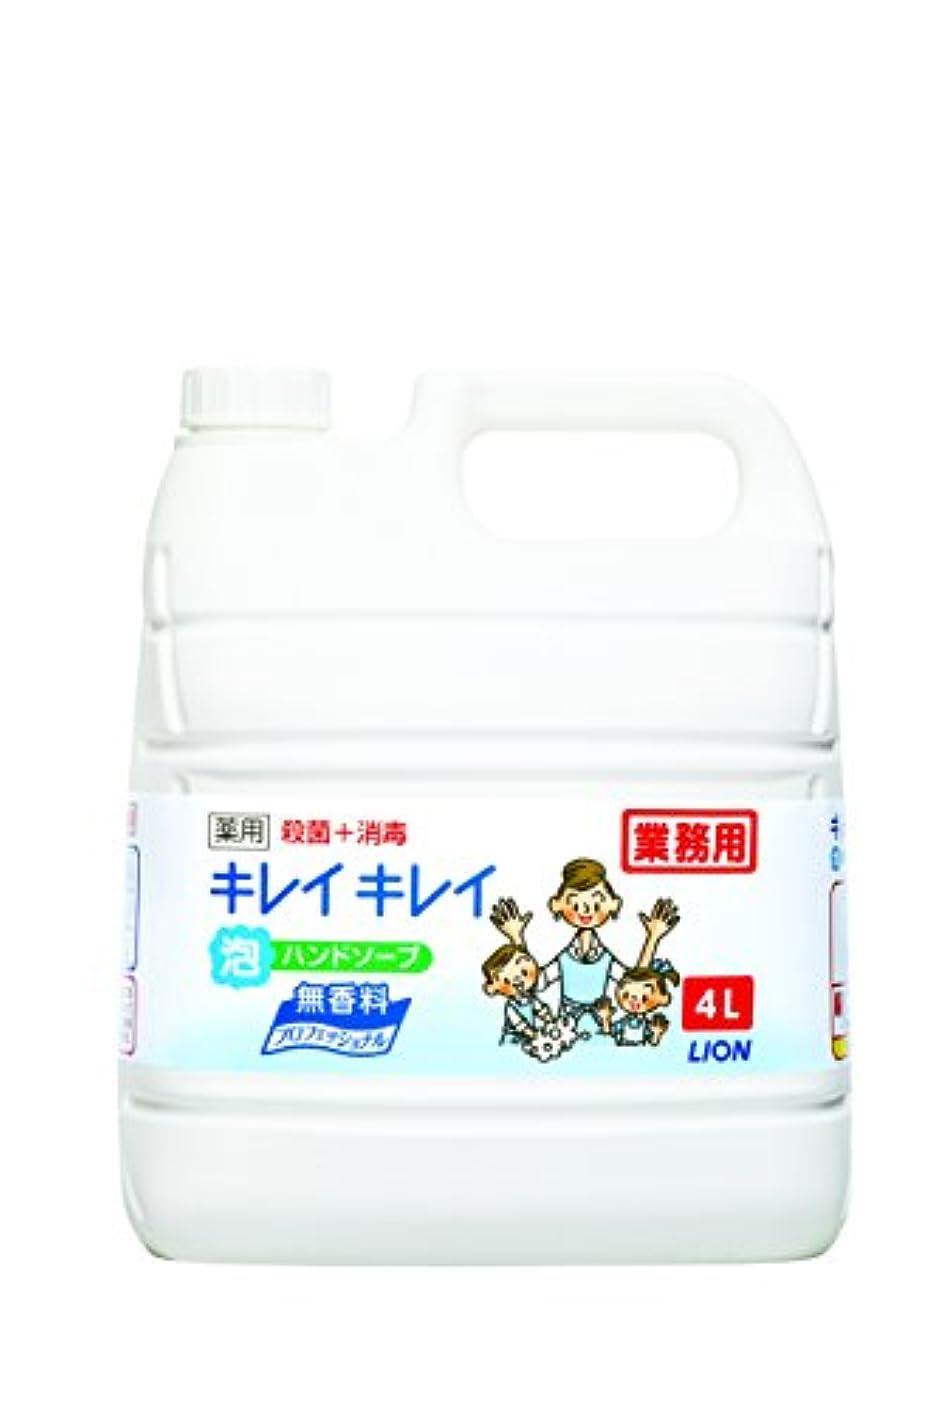 準備した叫び声乗算【大容量】キレイキレイ 薬用泡ハンドソープ プロ無香料4L